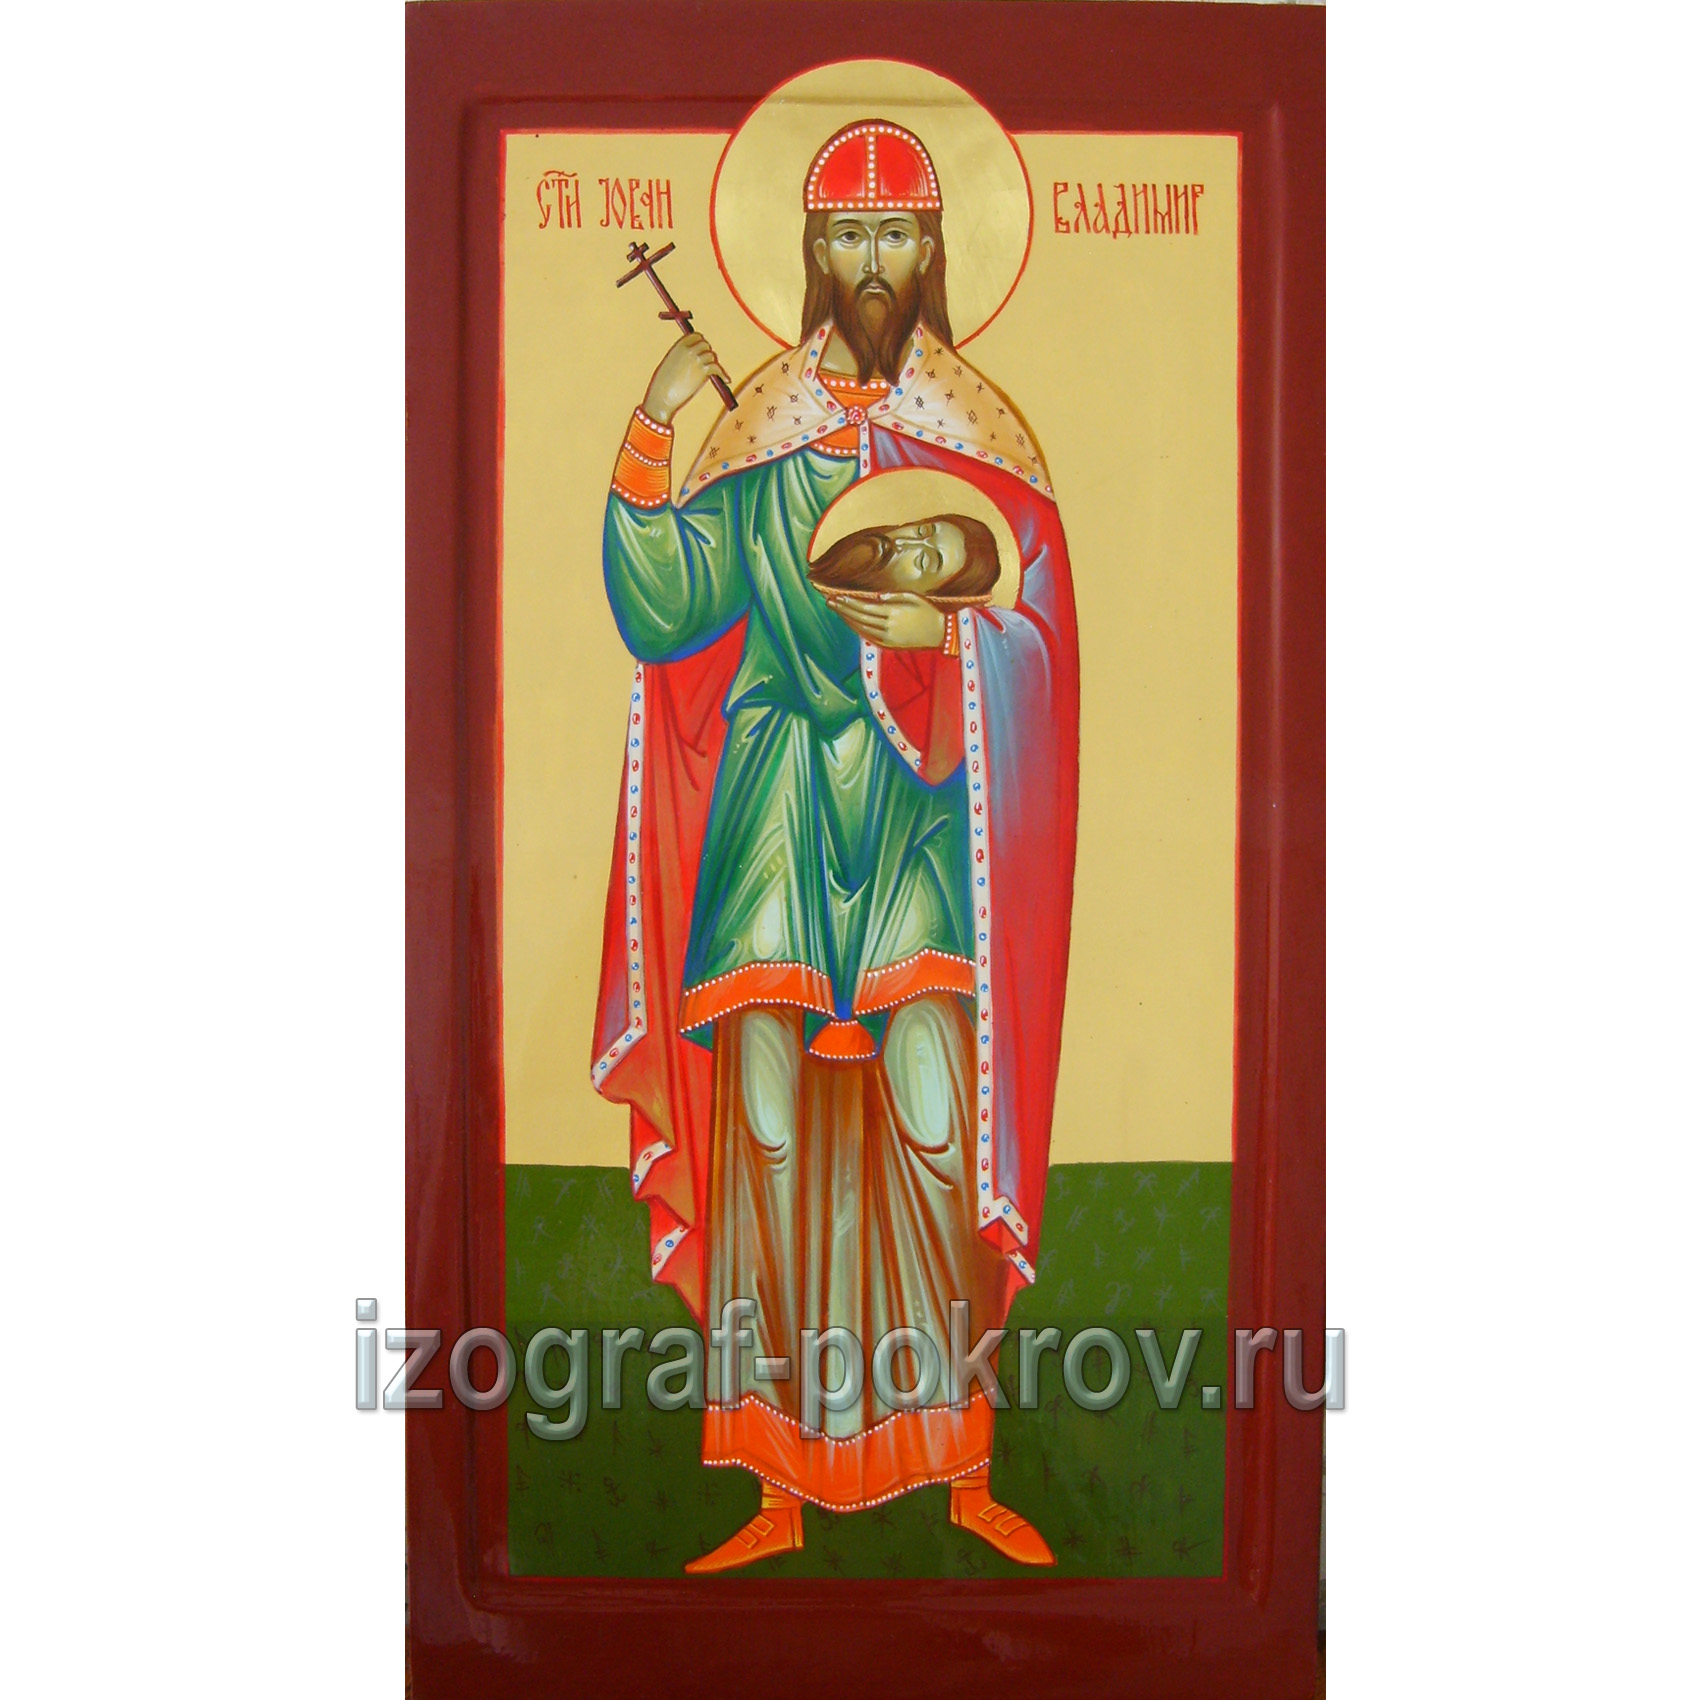 Мерная икона Иоанн-Владимир князь Сербский